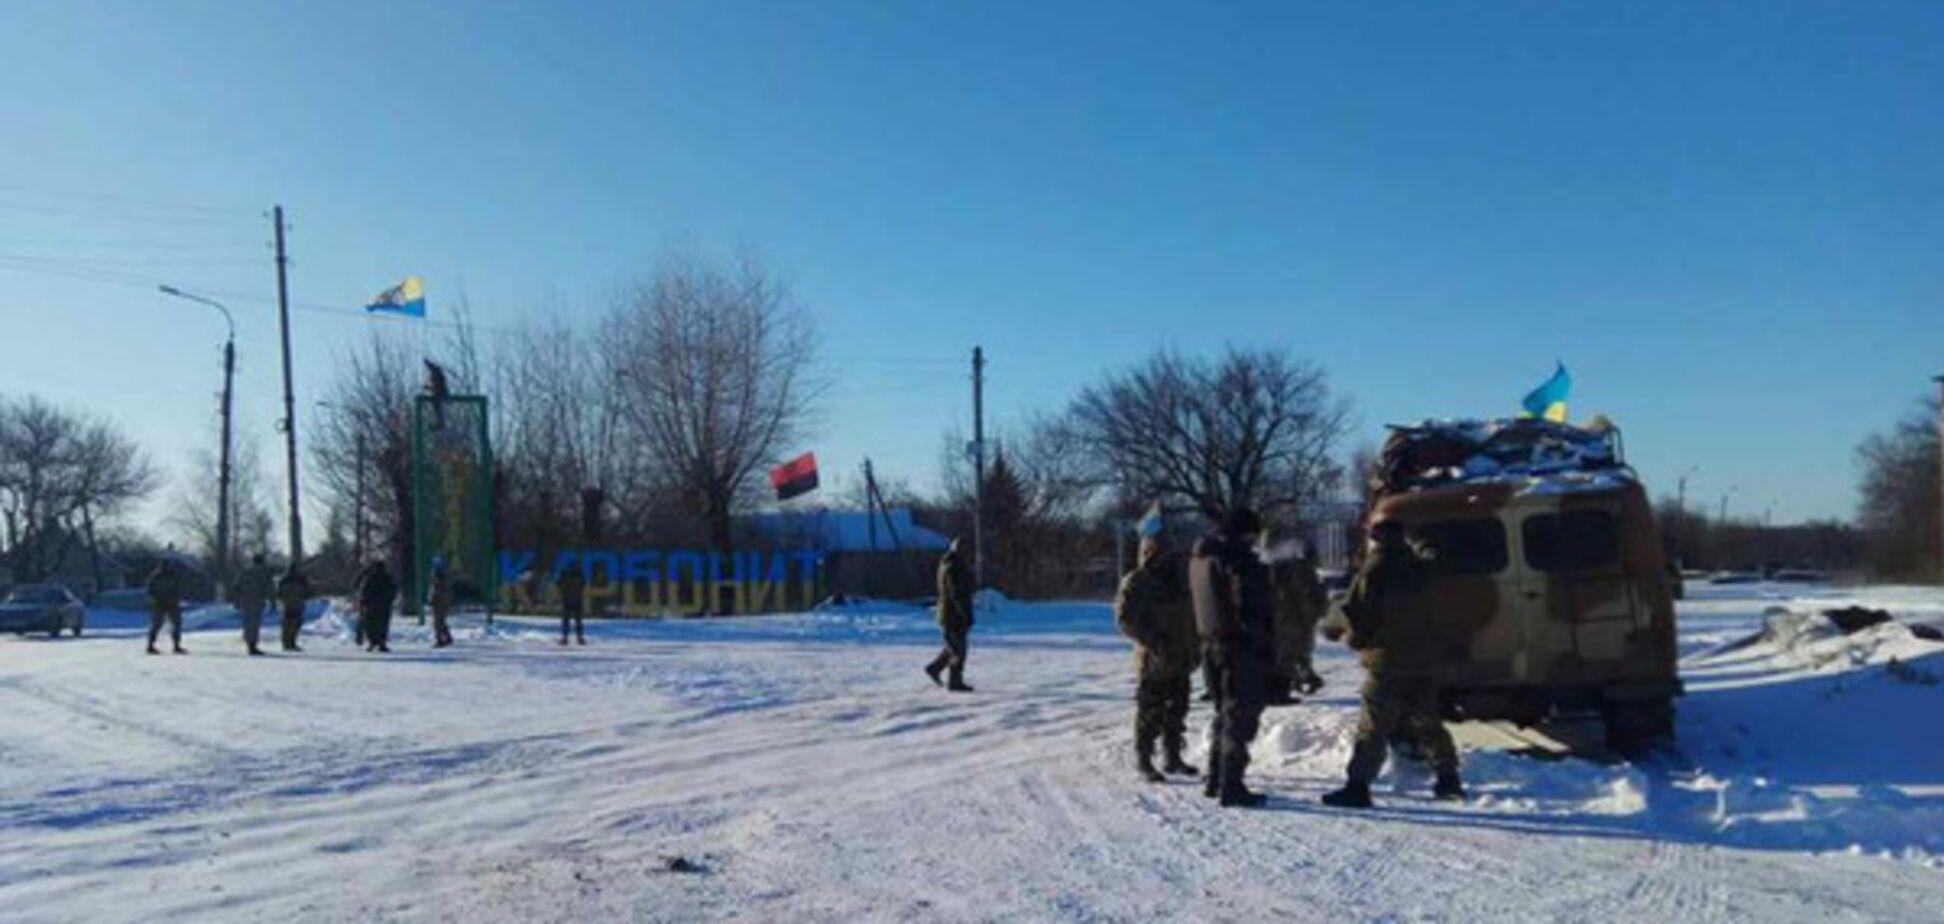 Учасники блокади Донбасу заявили про новий етап